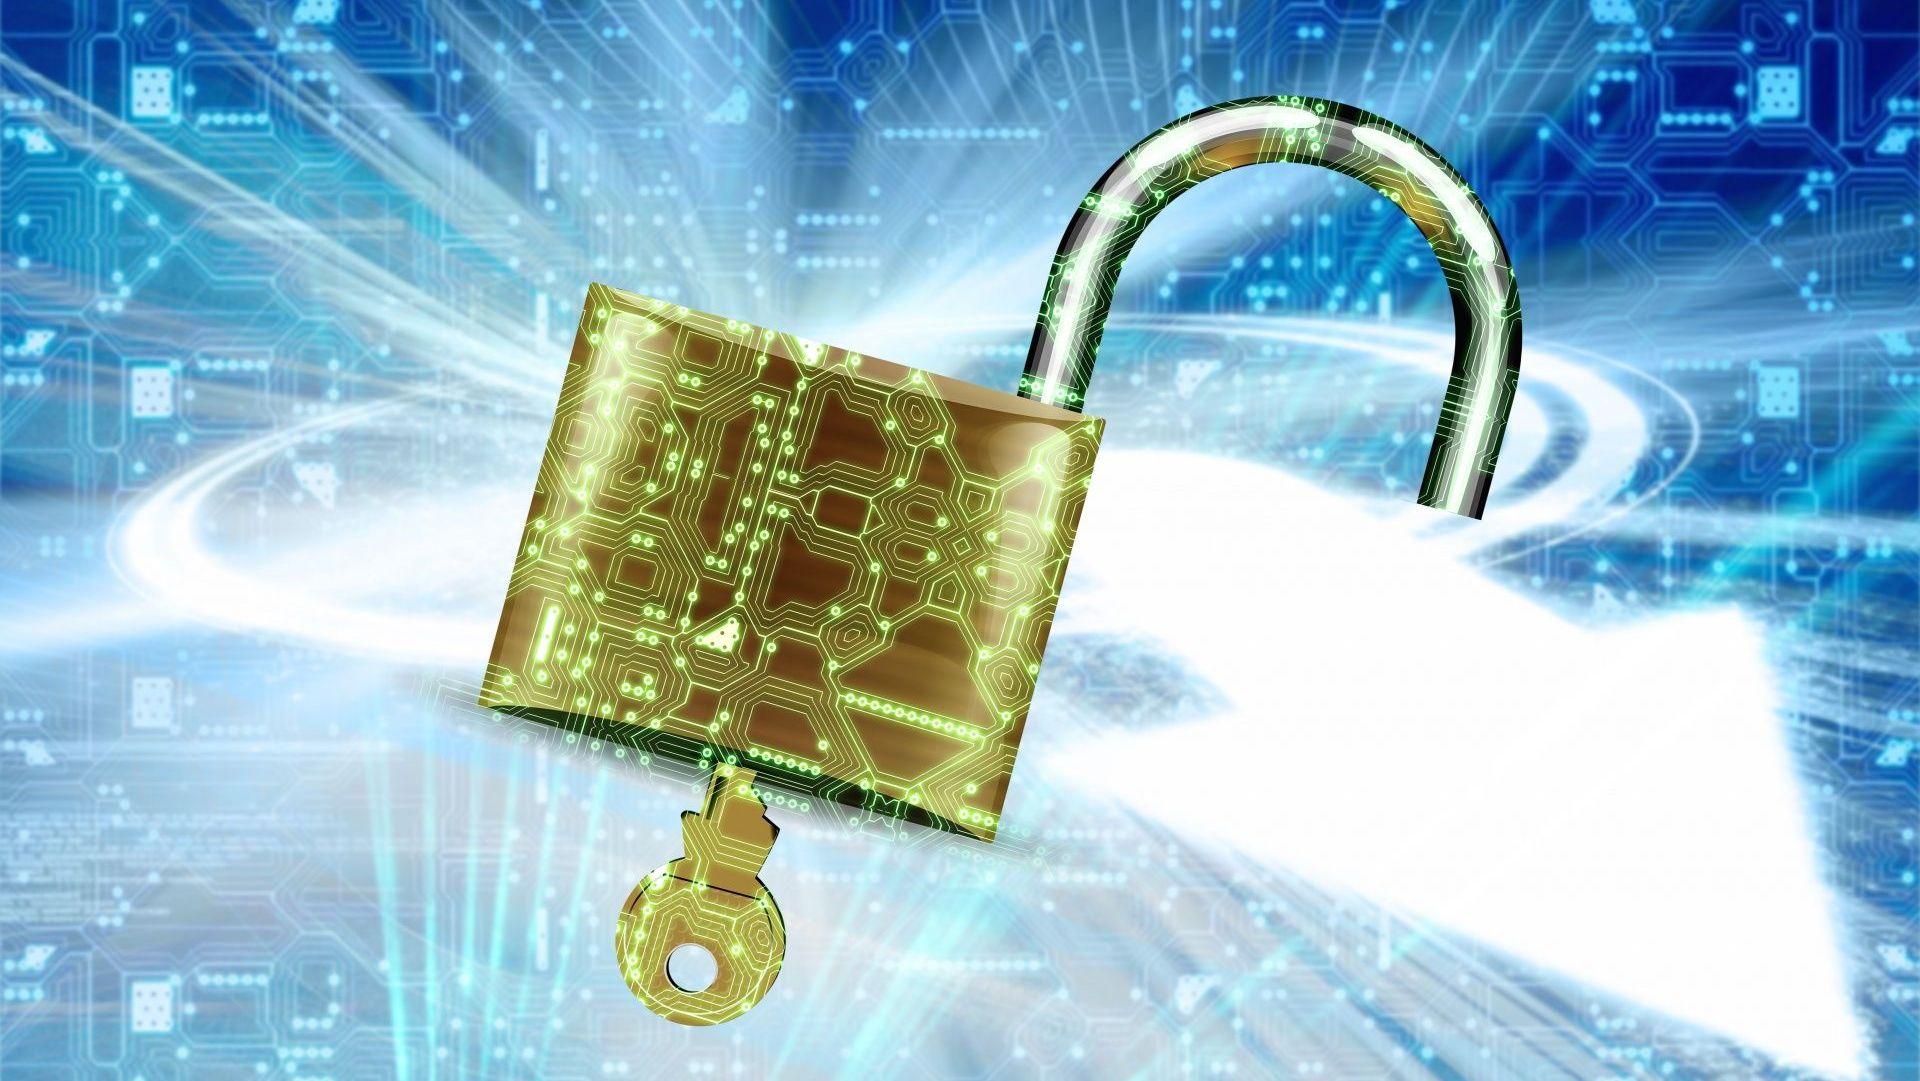 Вустройствах набазе Intel отыскали еще одну критическую уязвимость